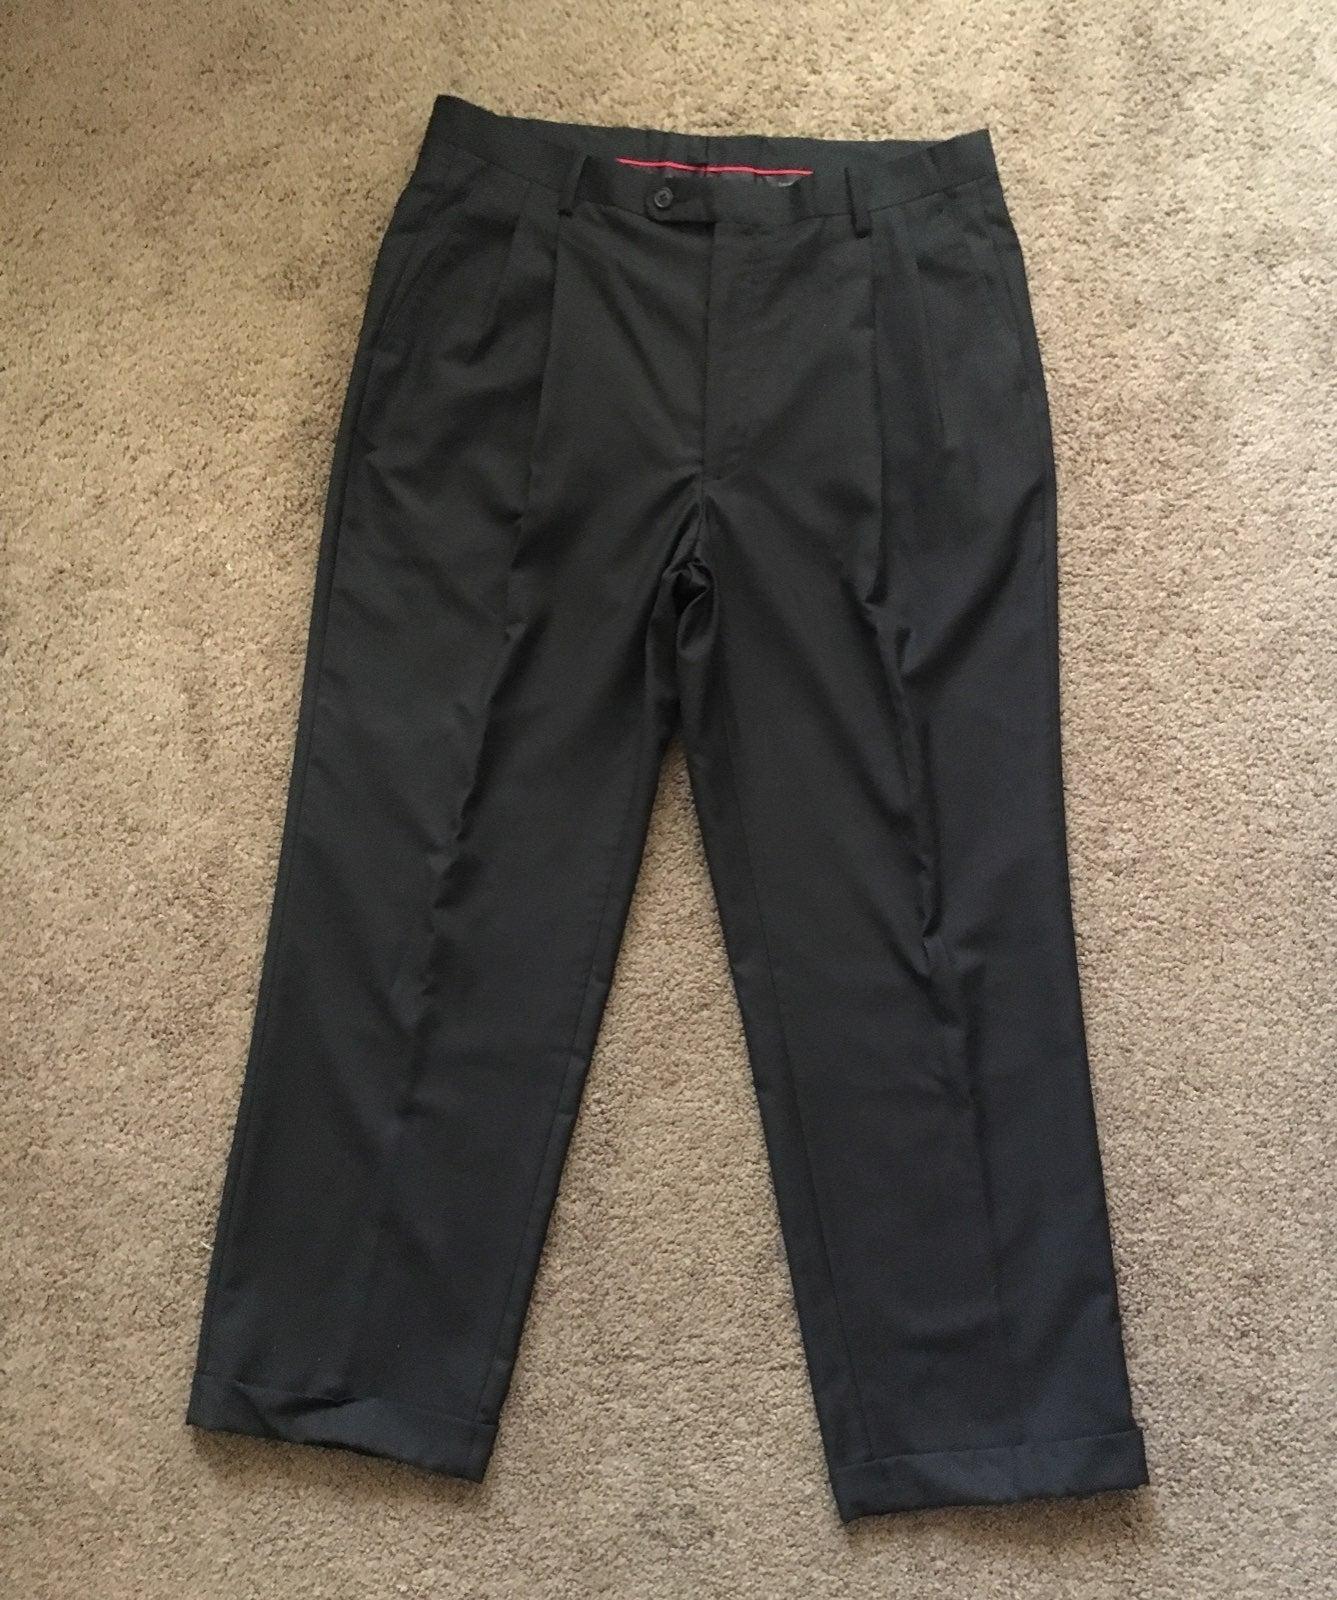 Black Dress Pants Size 36x38